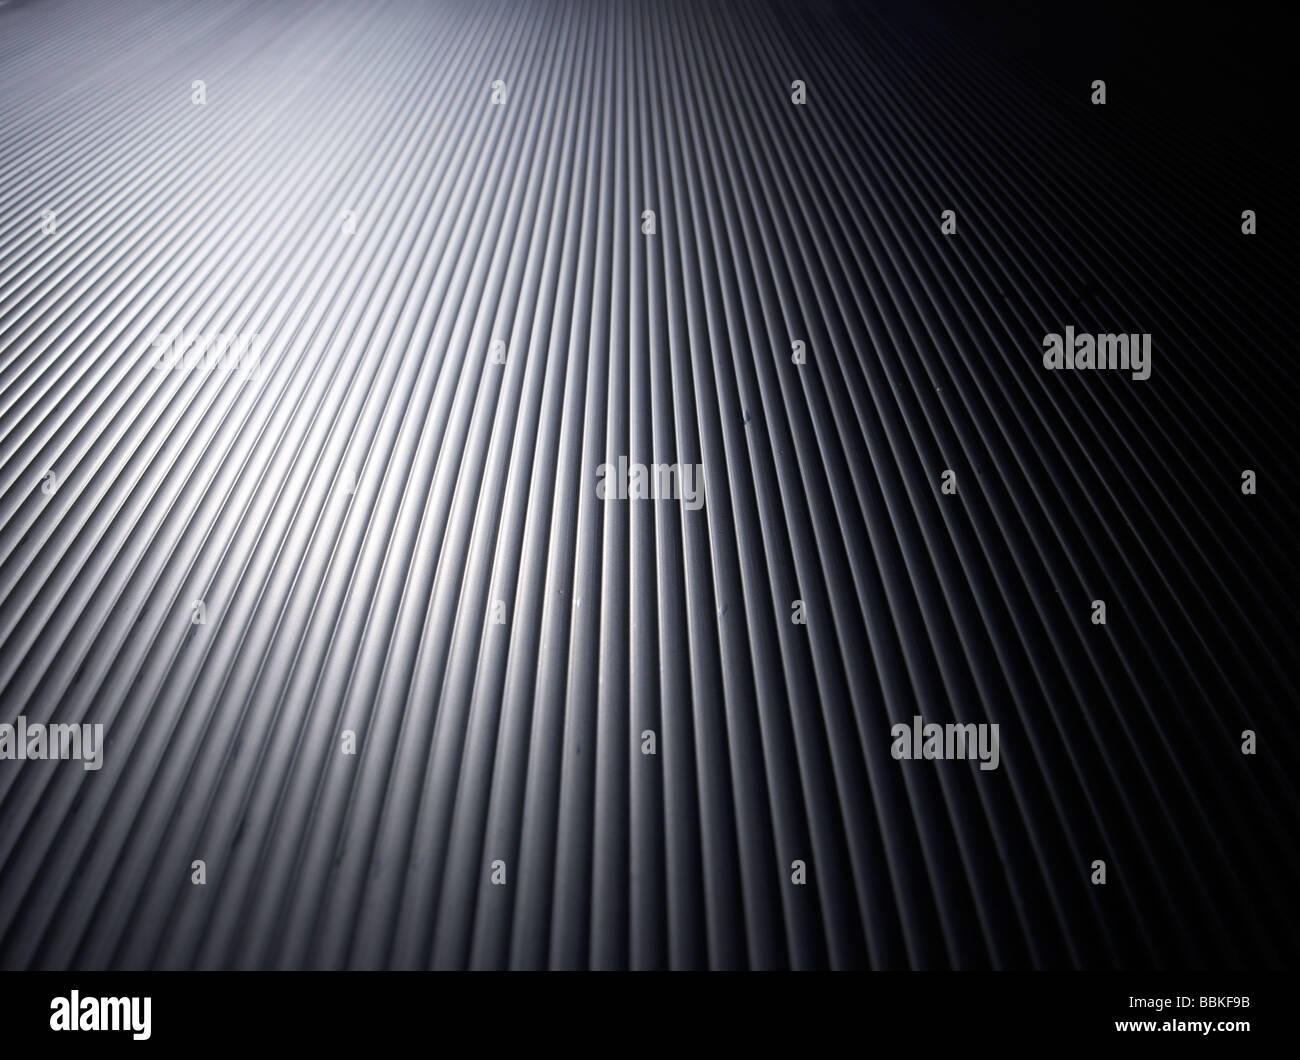 Black background - Stock Image